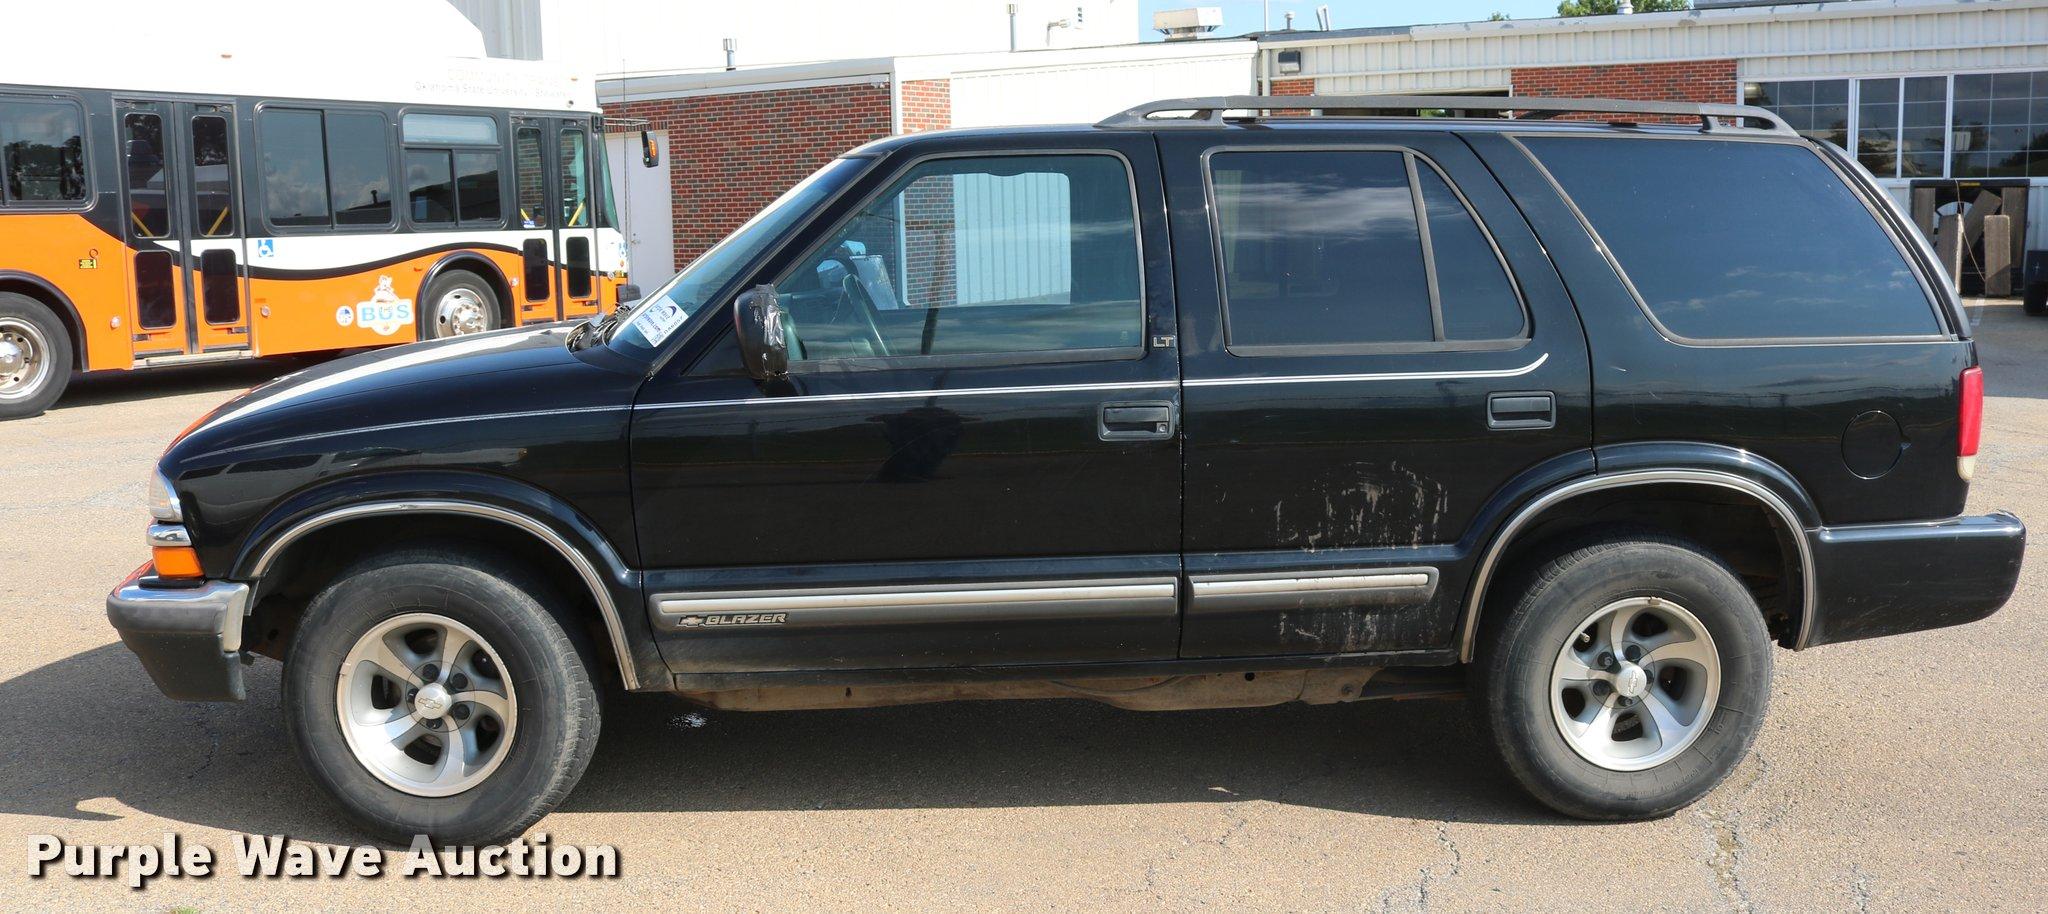 2000 Chevrolet S10 Blazer SUV | Item DA6857 | SOLD! Septembe...